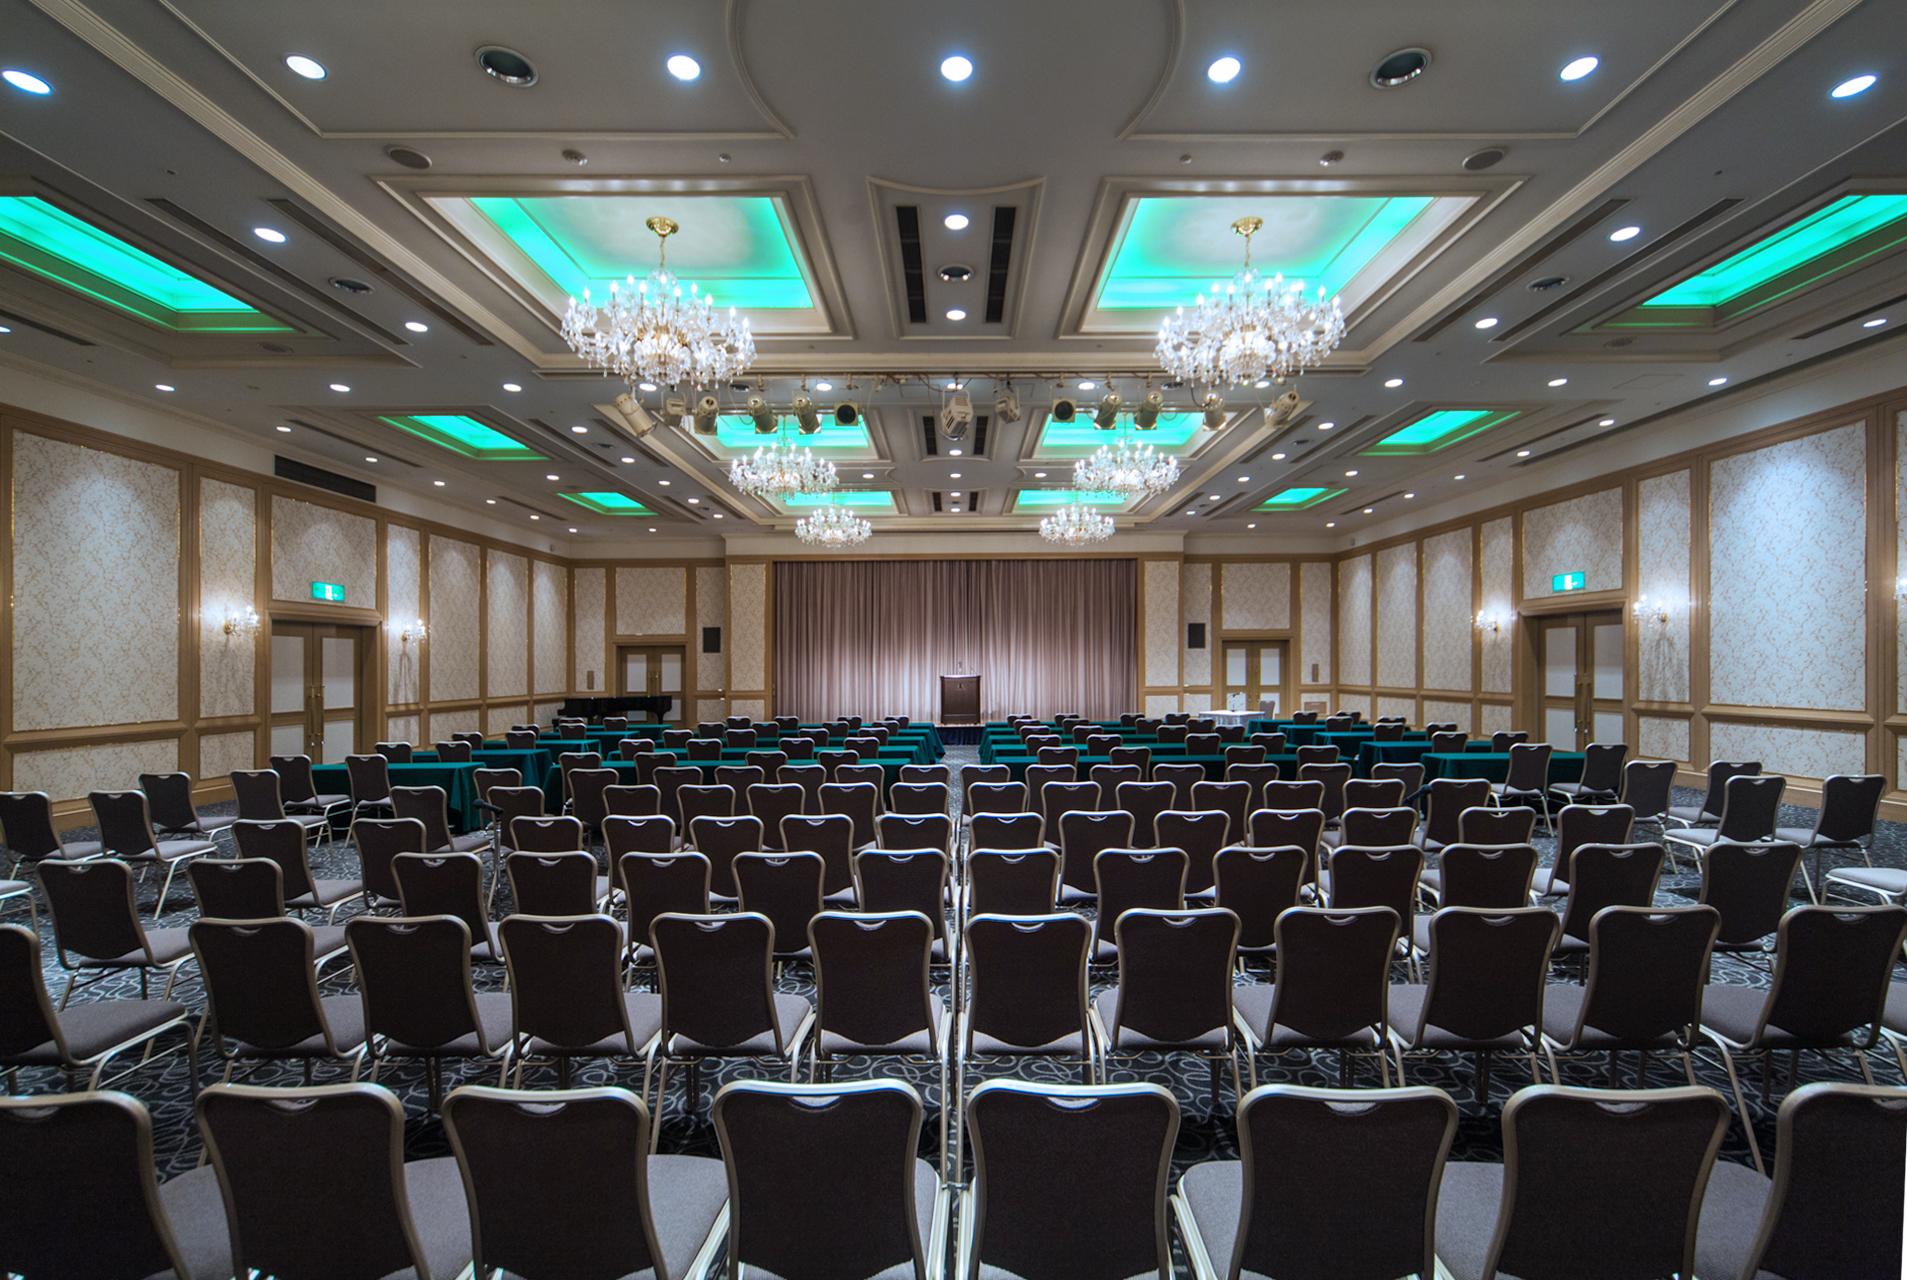 レセプションなどお客様をお迎えするにふさわしい優雅な会場もございます。